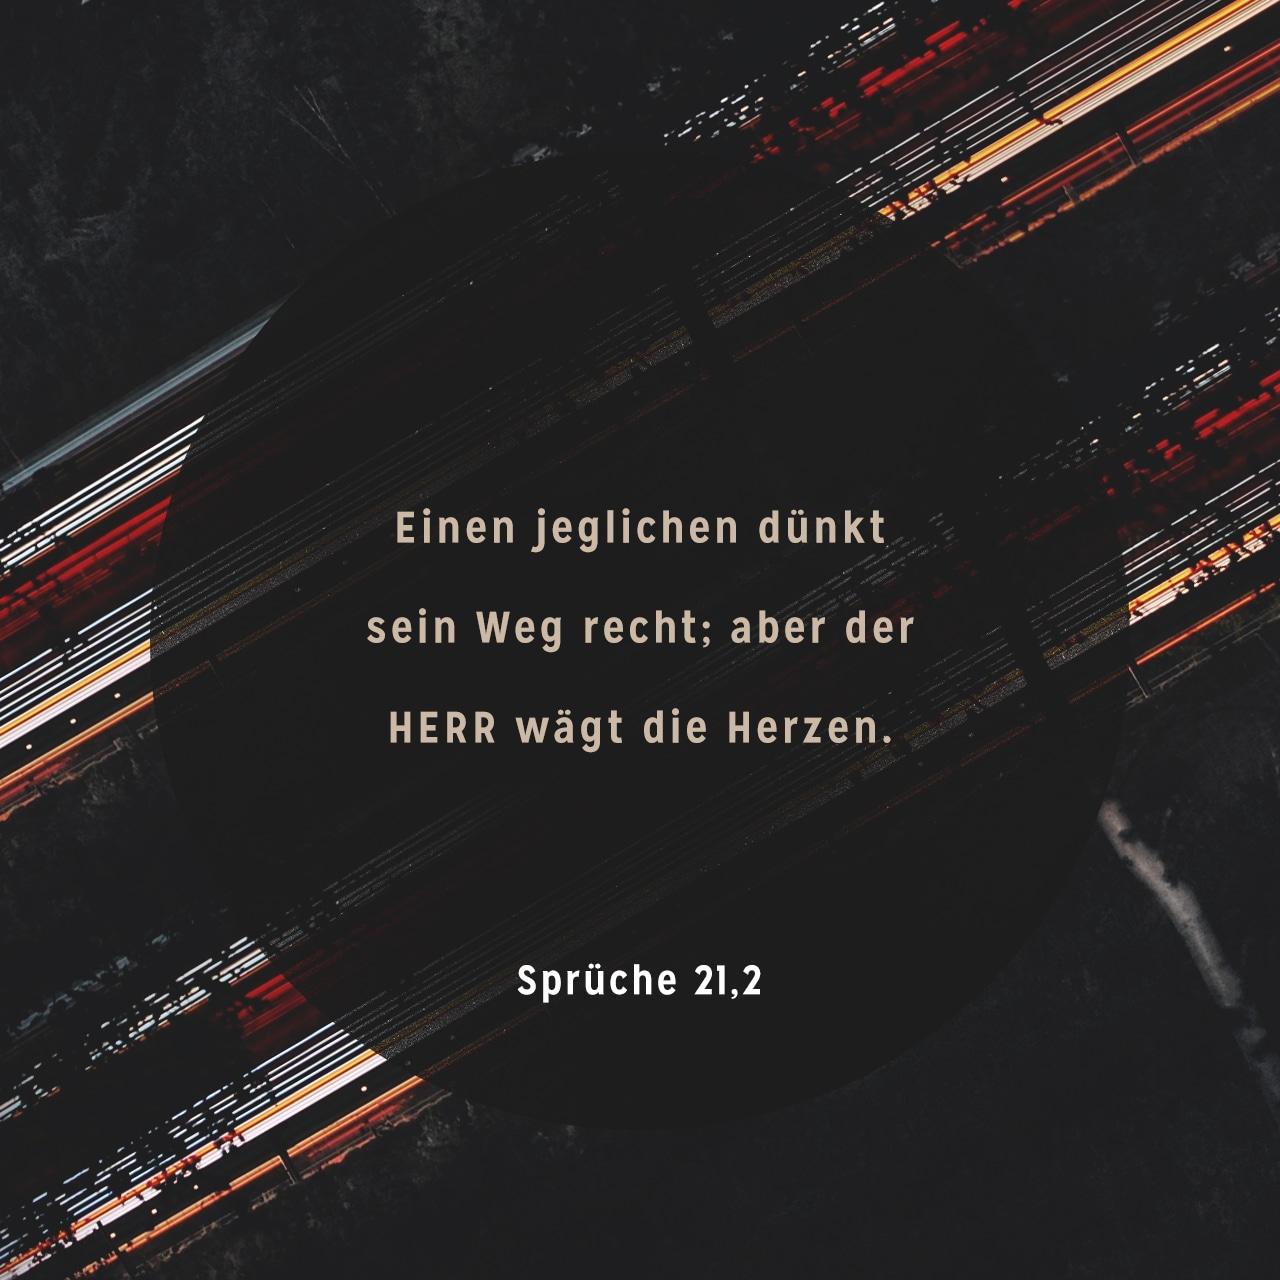 Proverbs 21:2 (JPG)